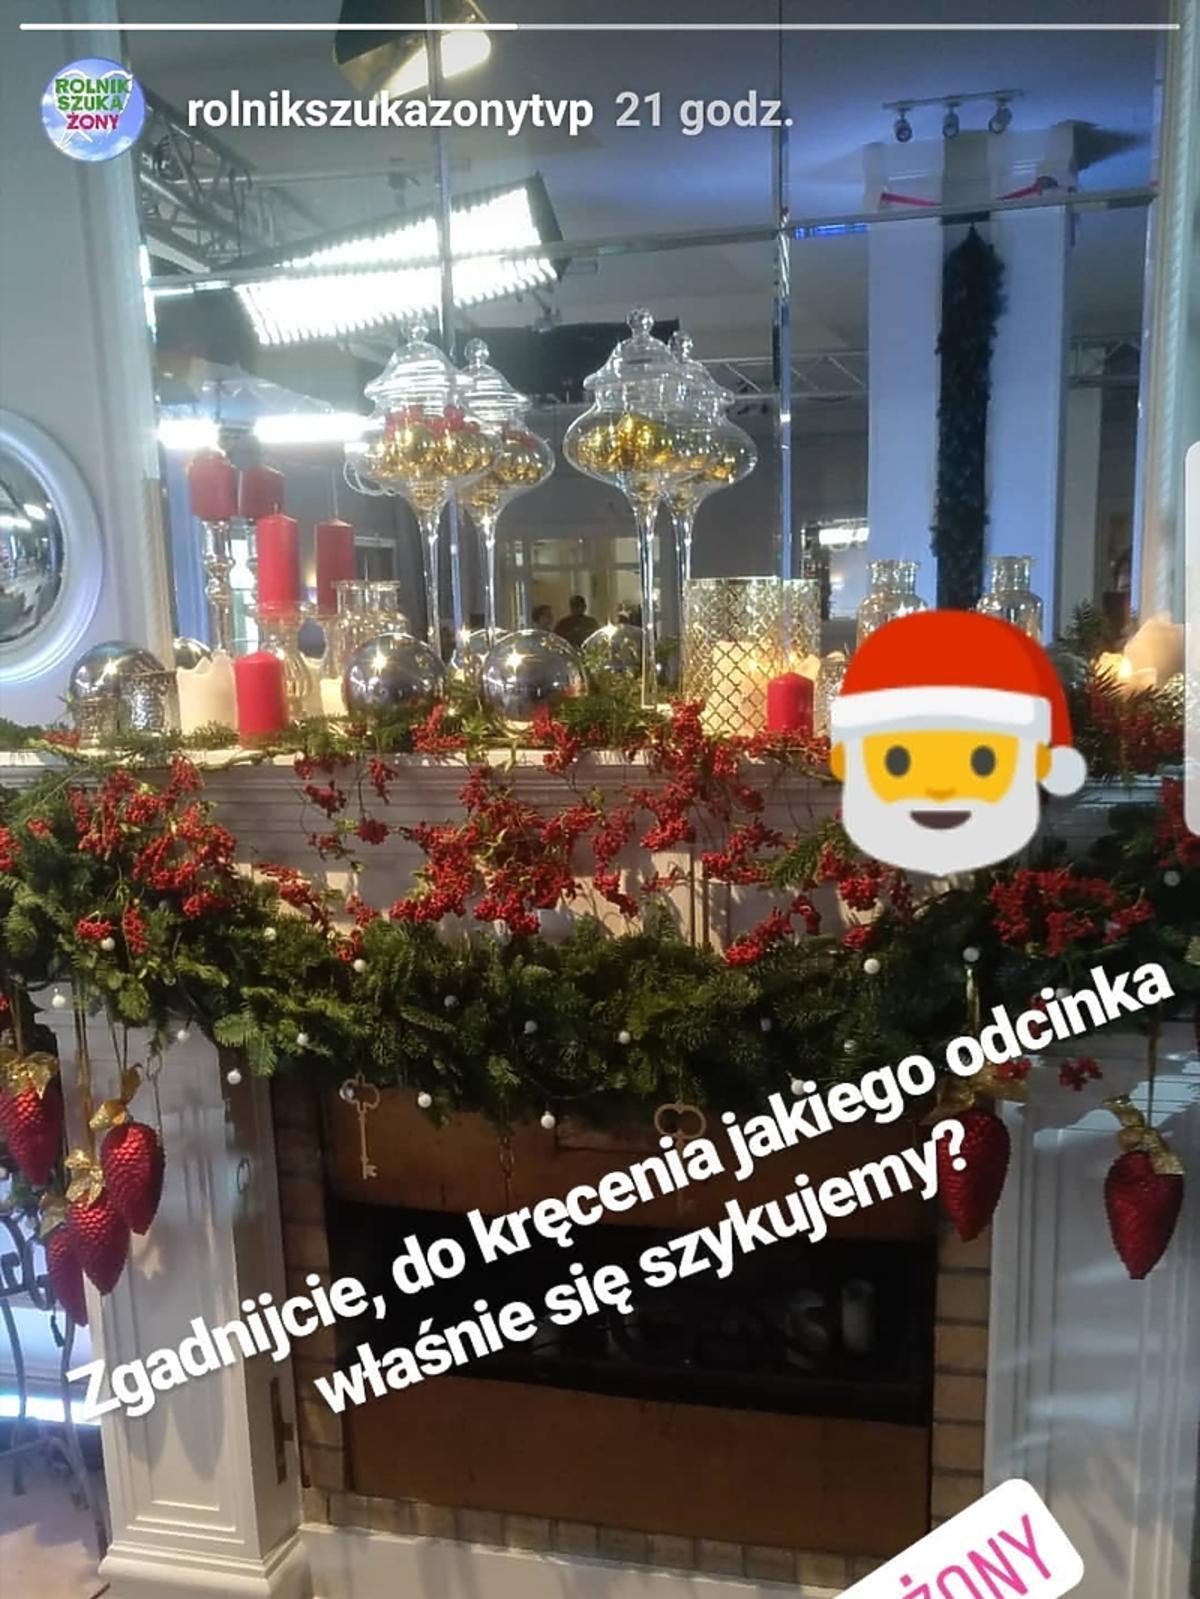 Nagrania świątecznego odcinka Rolnik szuka żony